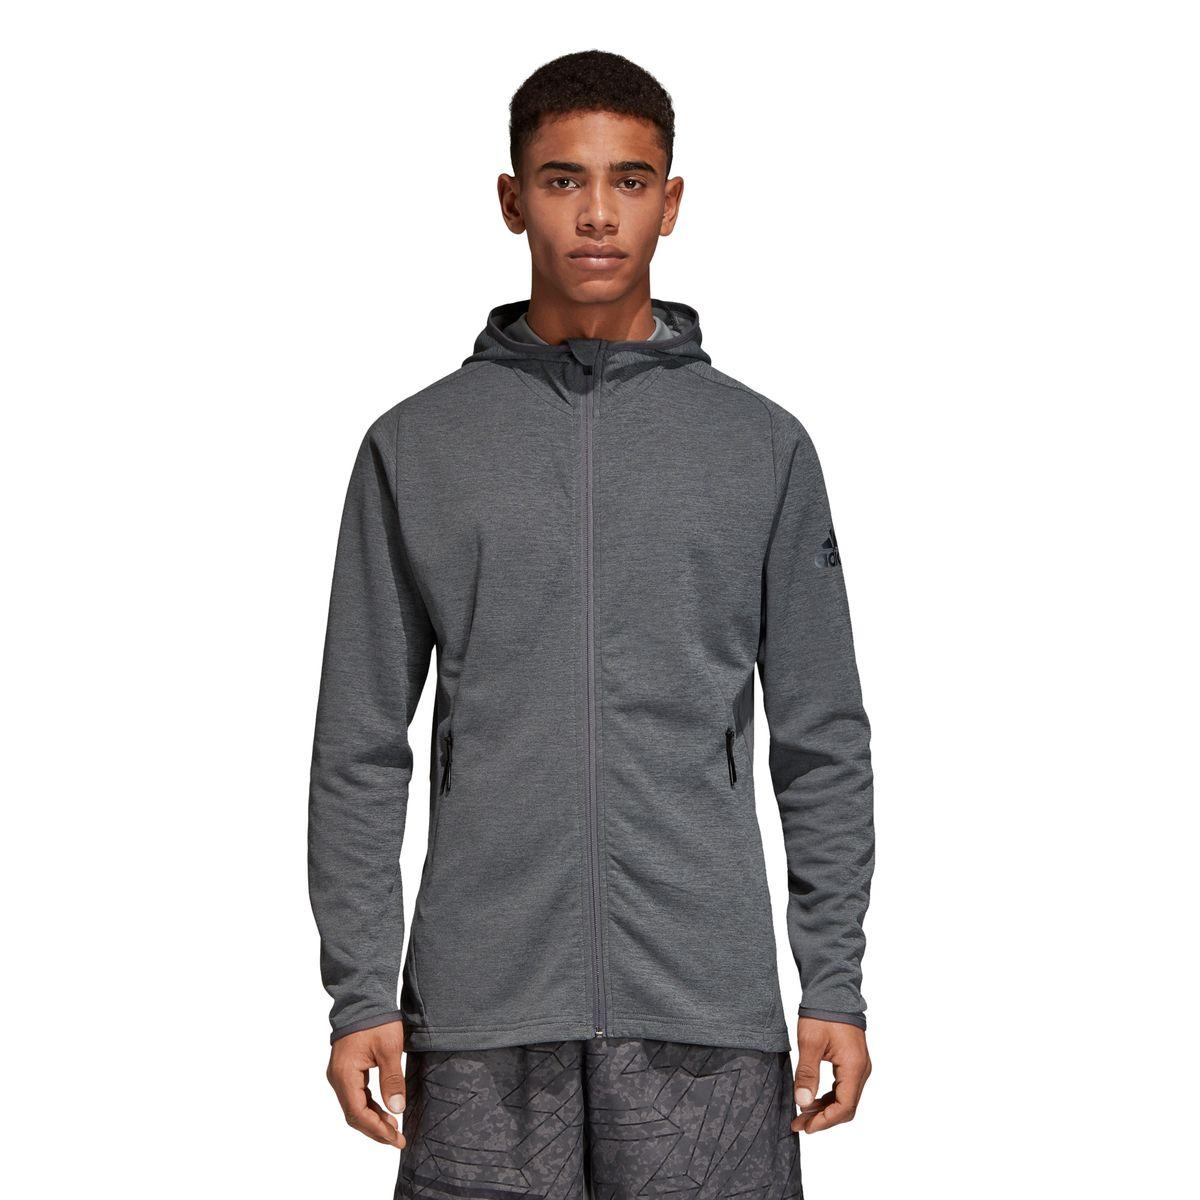 Veste à capuche FREELIFT CLIMACOOL | Veste adidas, Veste a